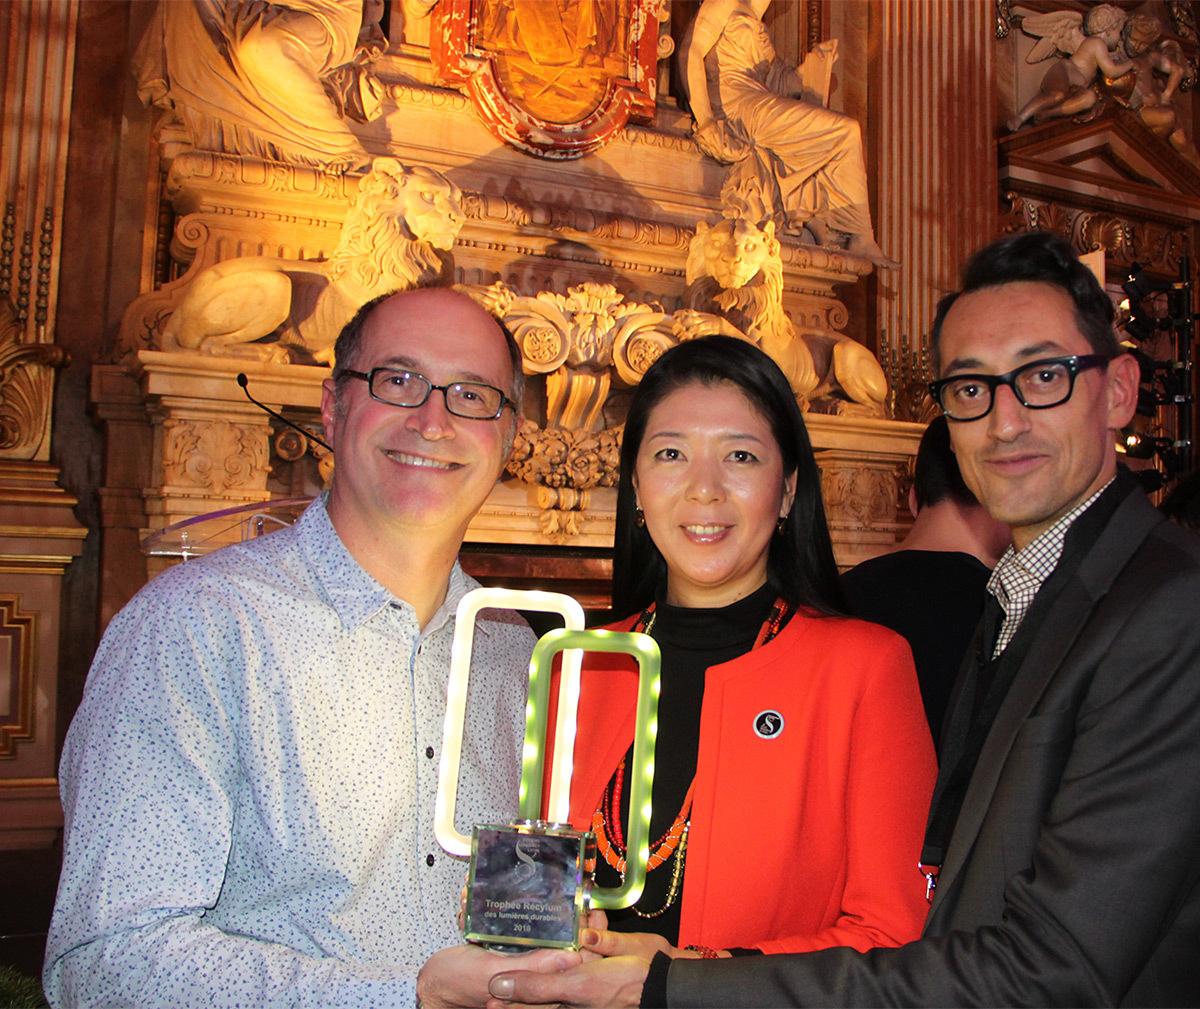 Eric Michel, Akari-Lisa Ishii et Sébastien Buthion du CNRS, Trophée Recylum 2016 - Fête des lumières 2016, Lyon, France - Photo : Vincent Laganier